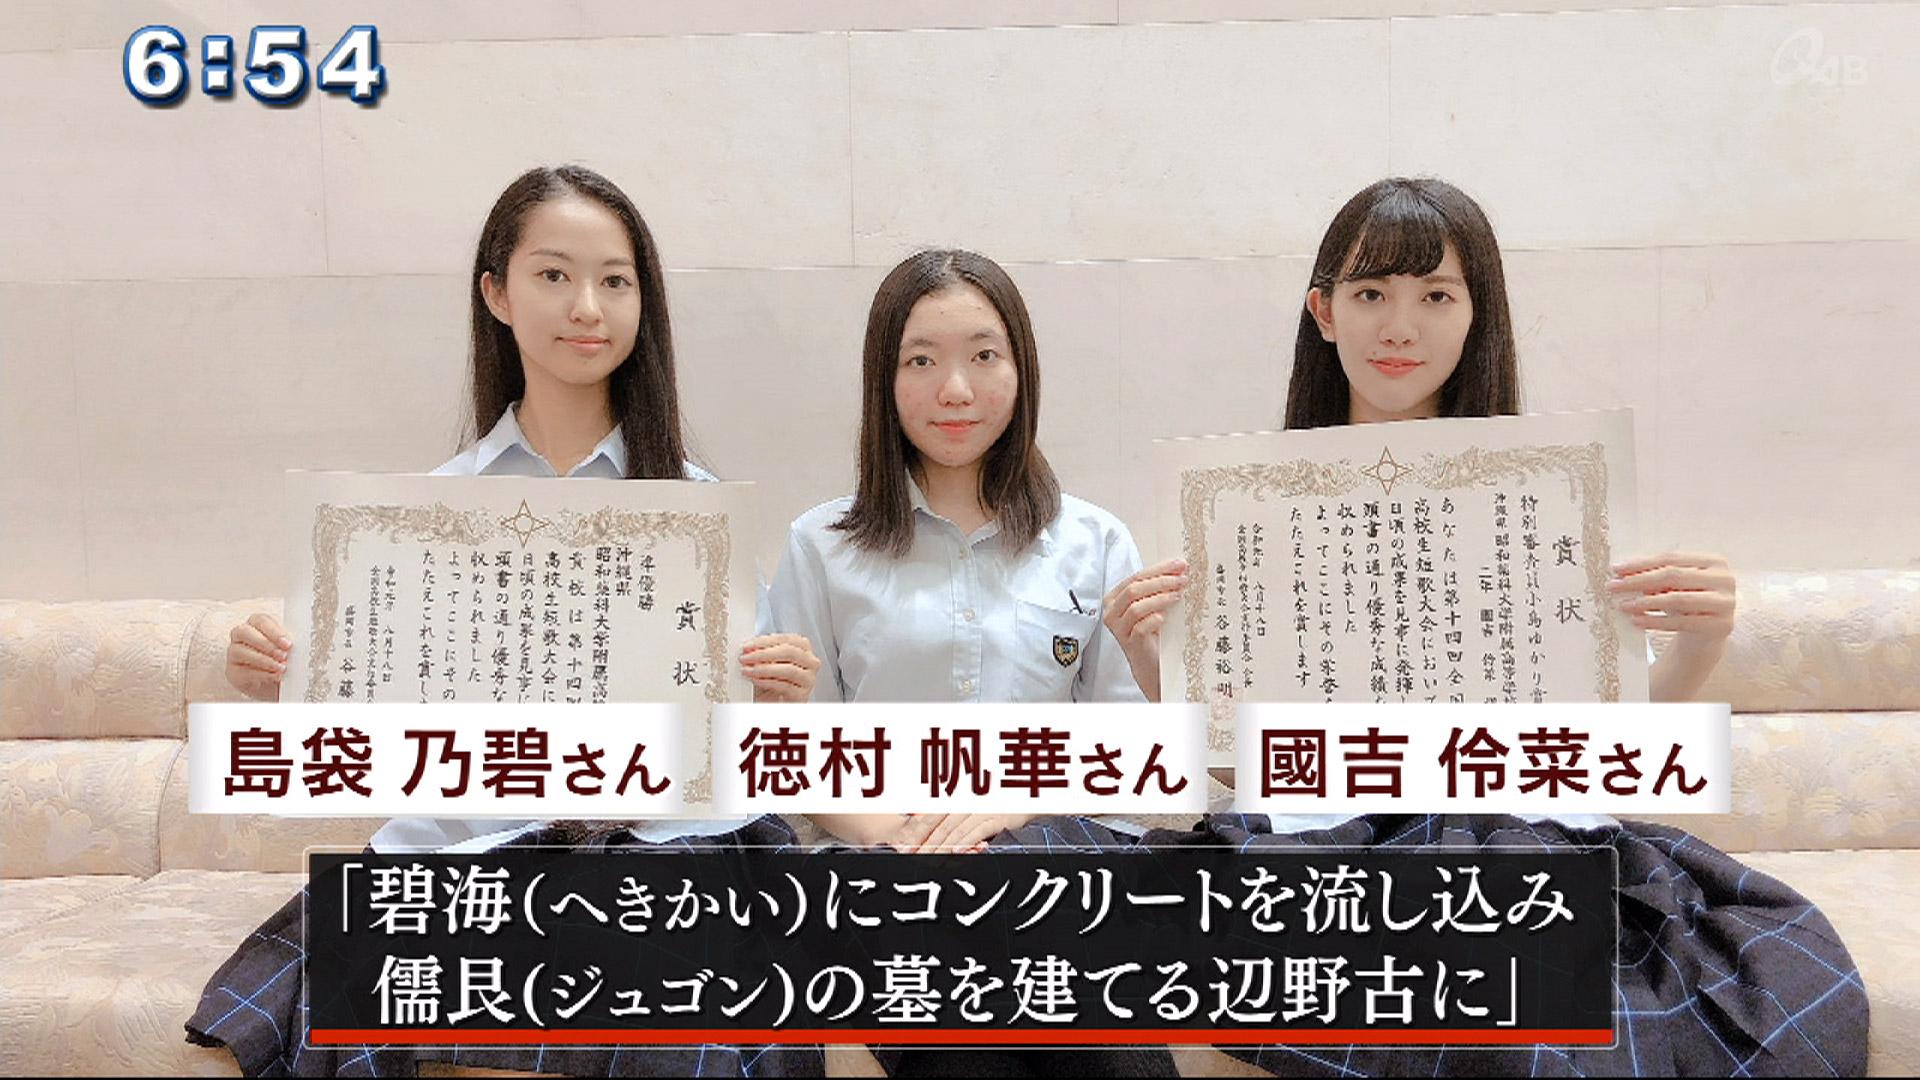 最も優れた短歌に昭和薬科大付の生徒が受賞